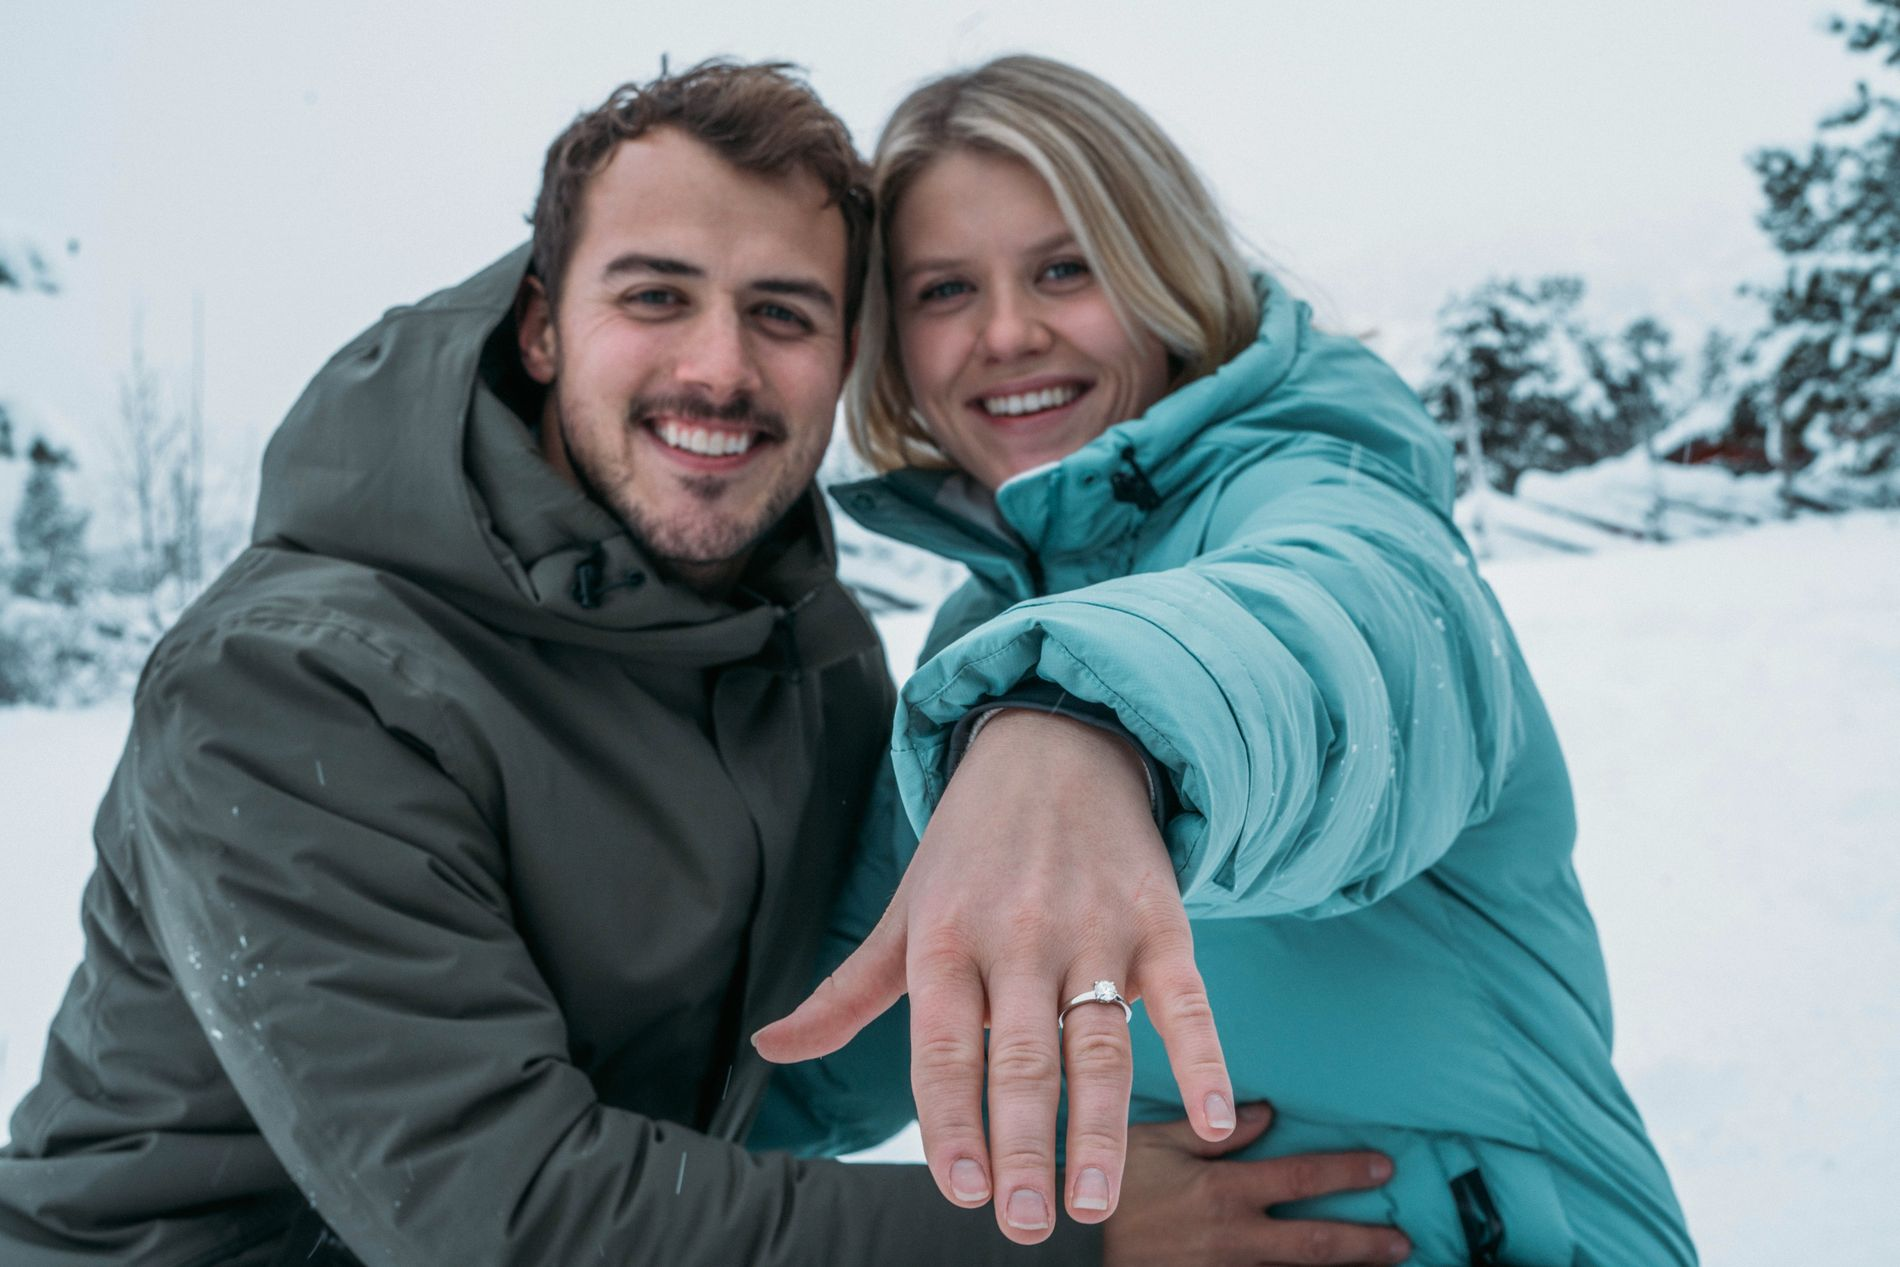 SE, SÅ LYKKELIGE: Dette bildet av Tiril og Stian ble tatt få timer etter at de hadde forlovet seg i desember.